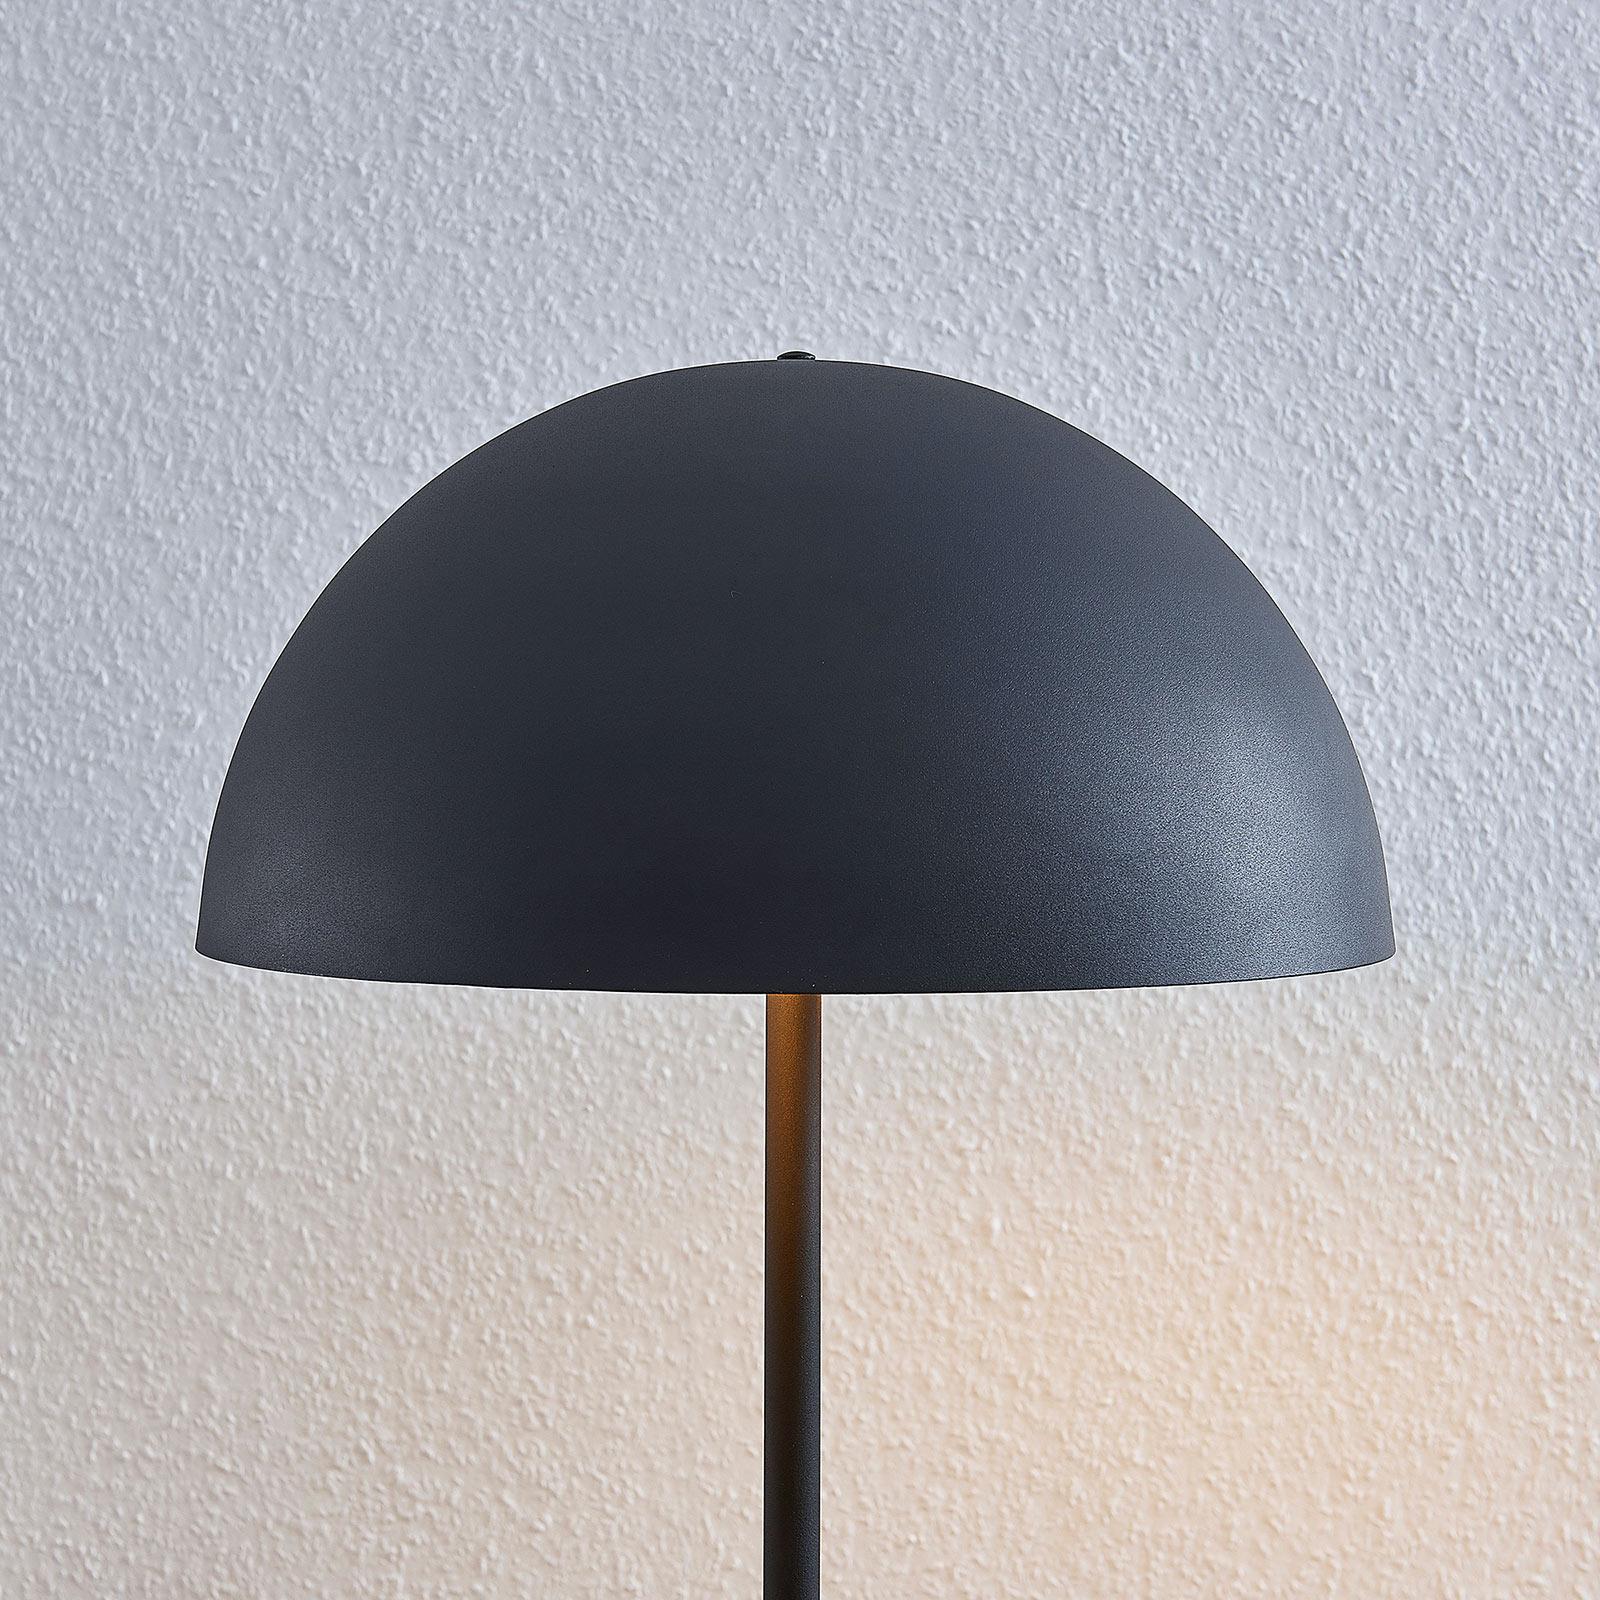 Stehlampe Idalene Schwarz Gold Metall Schirm Kuppel Lindby Stehleuchte